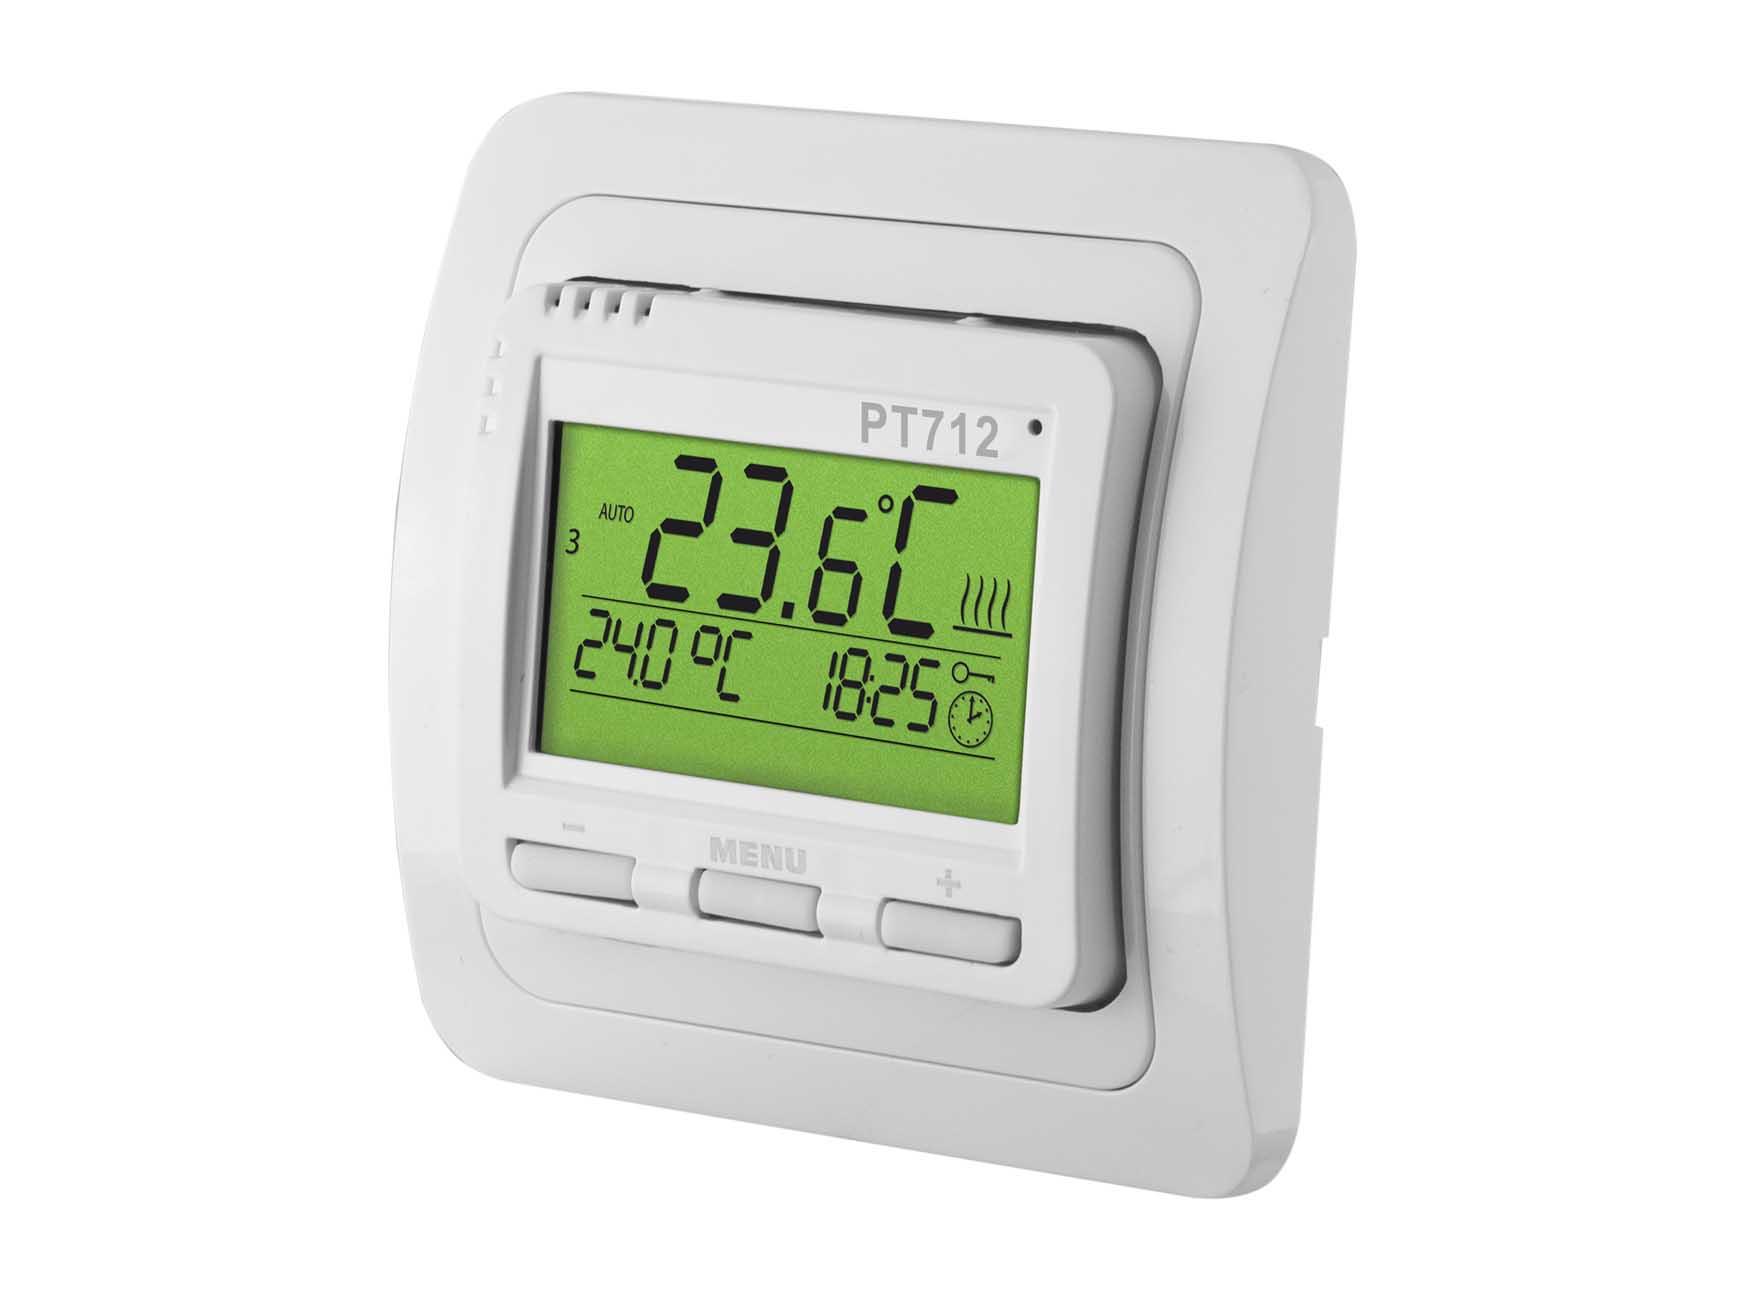 Thermostat digital Unterputz programmierbar mit LCD-Anzeige